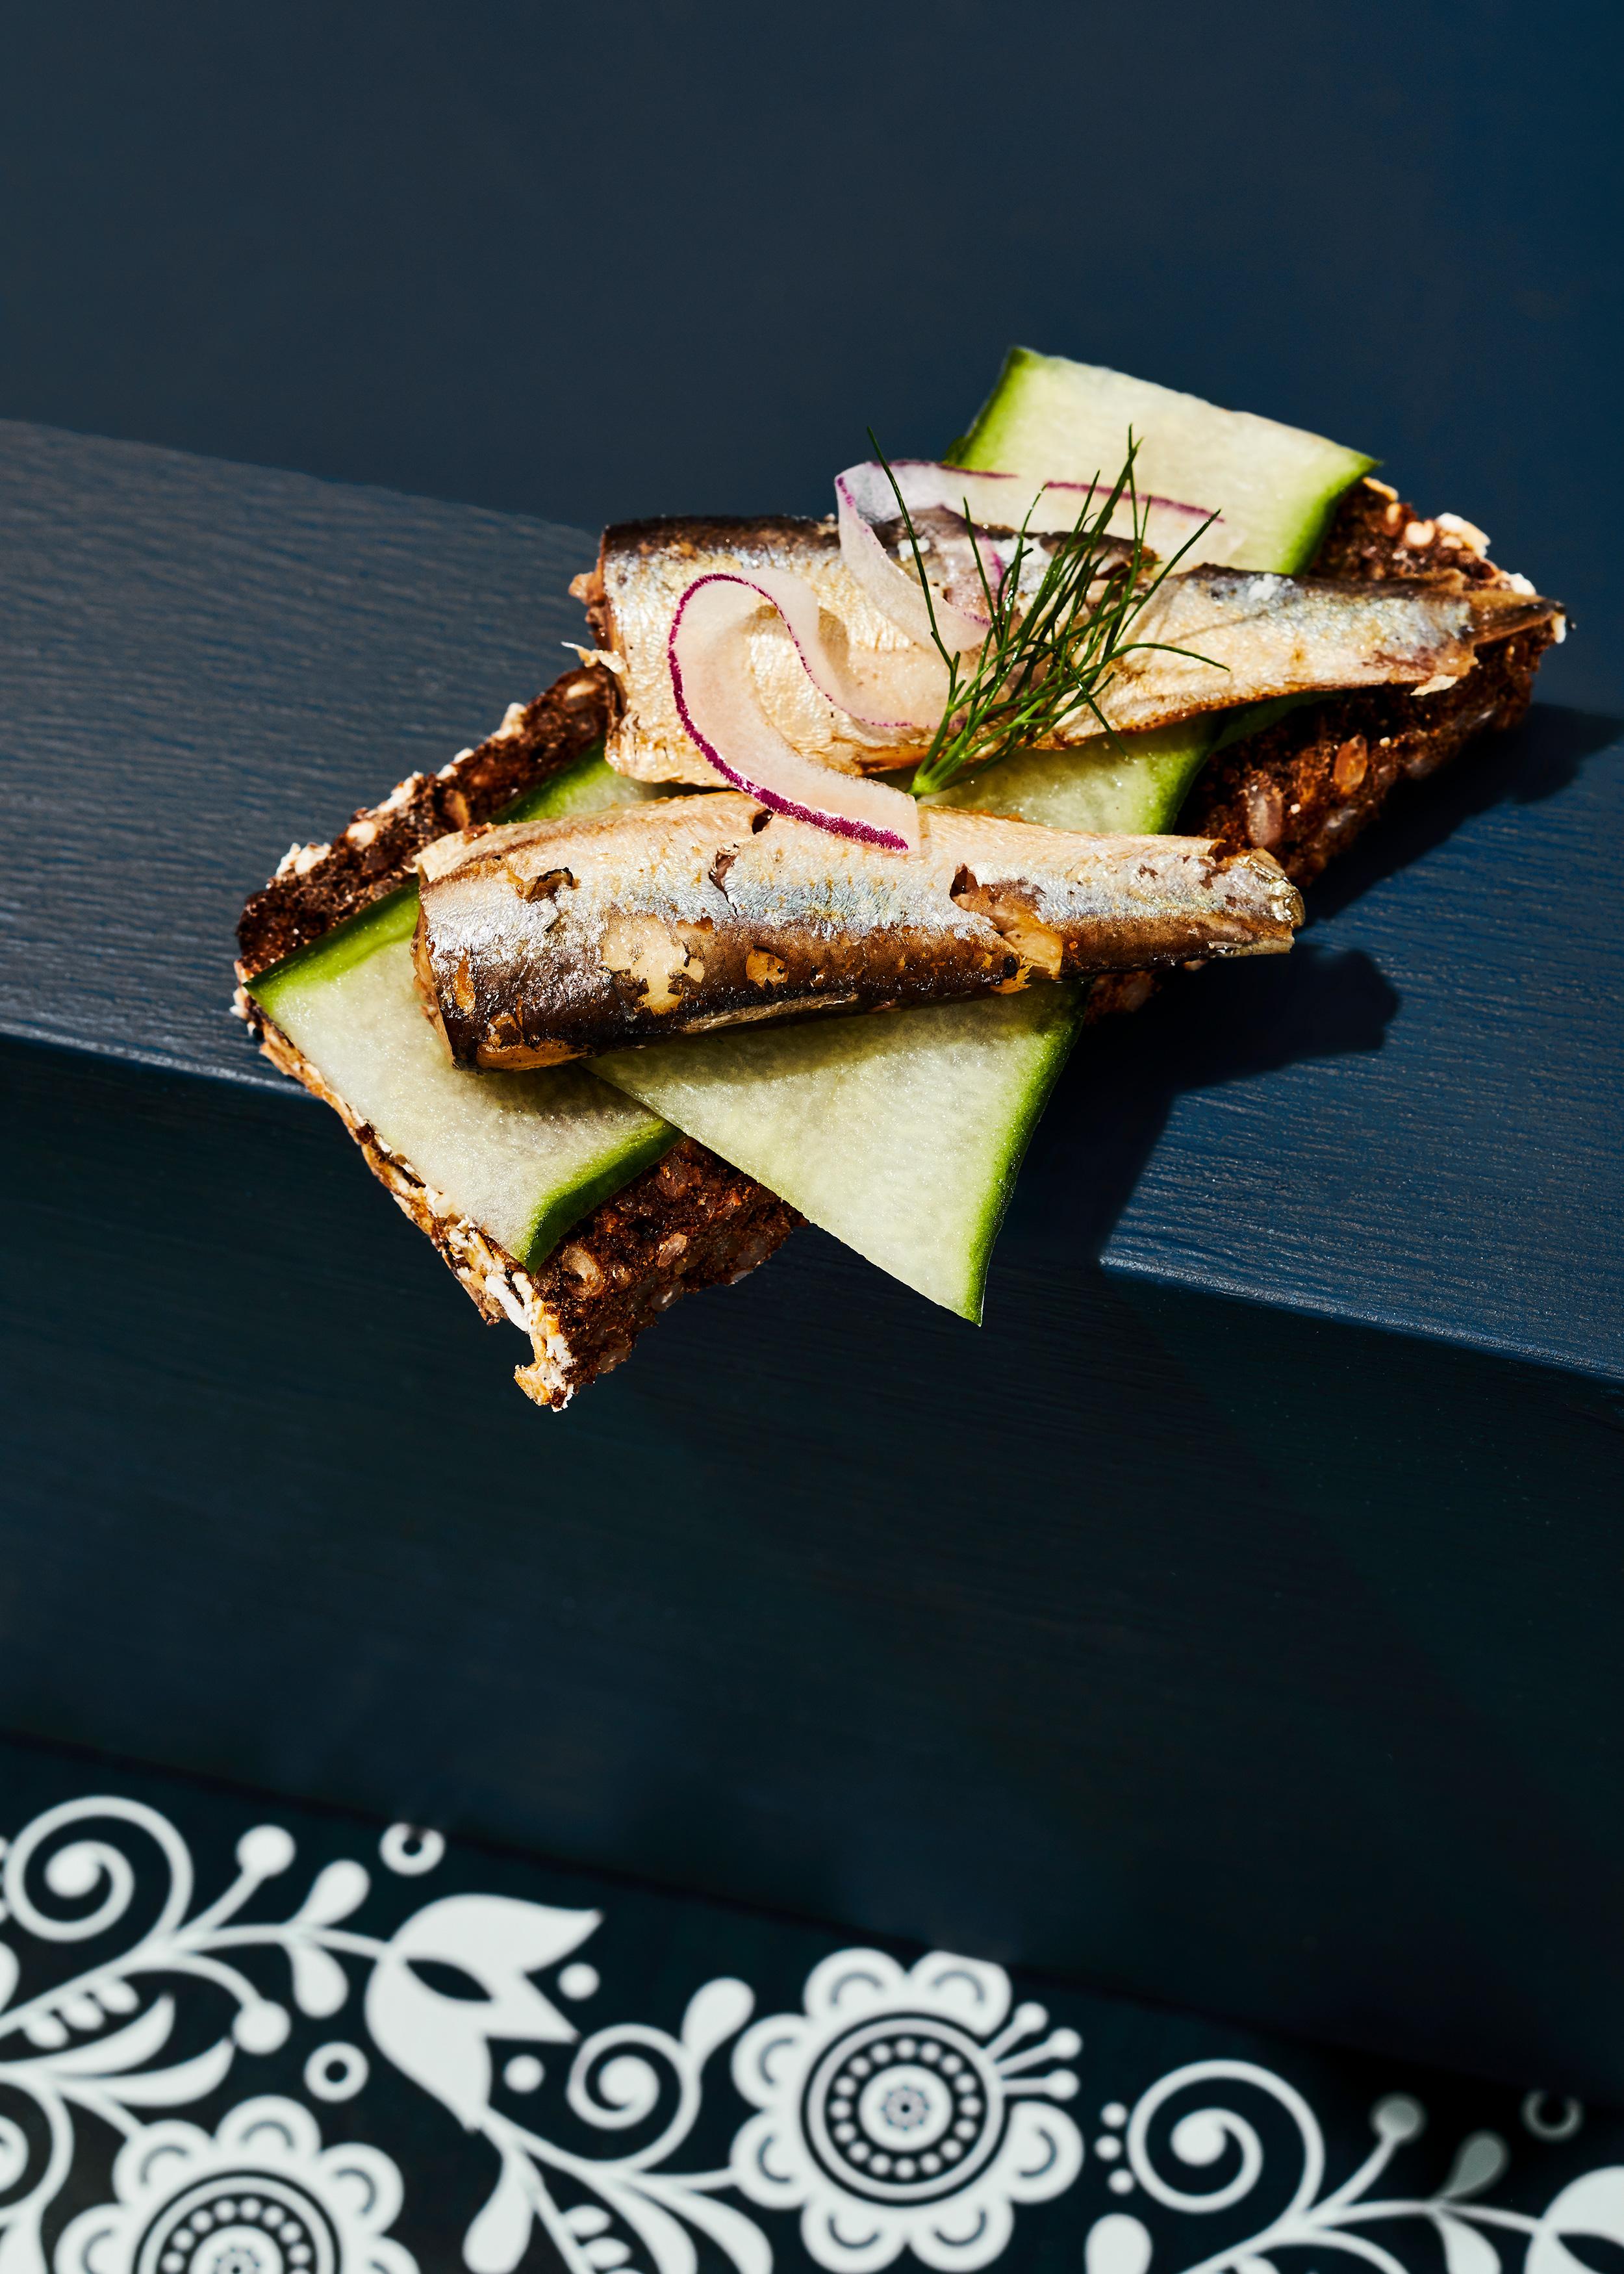 fabric_of_food_sweeden.jpg